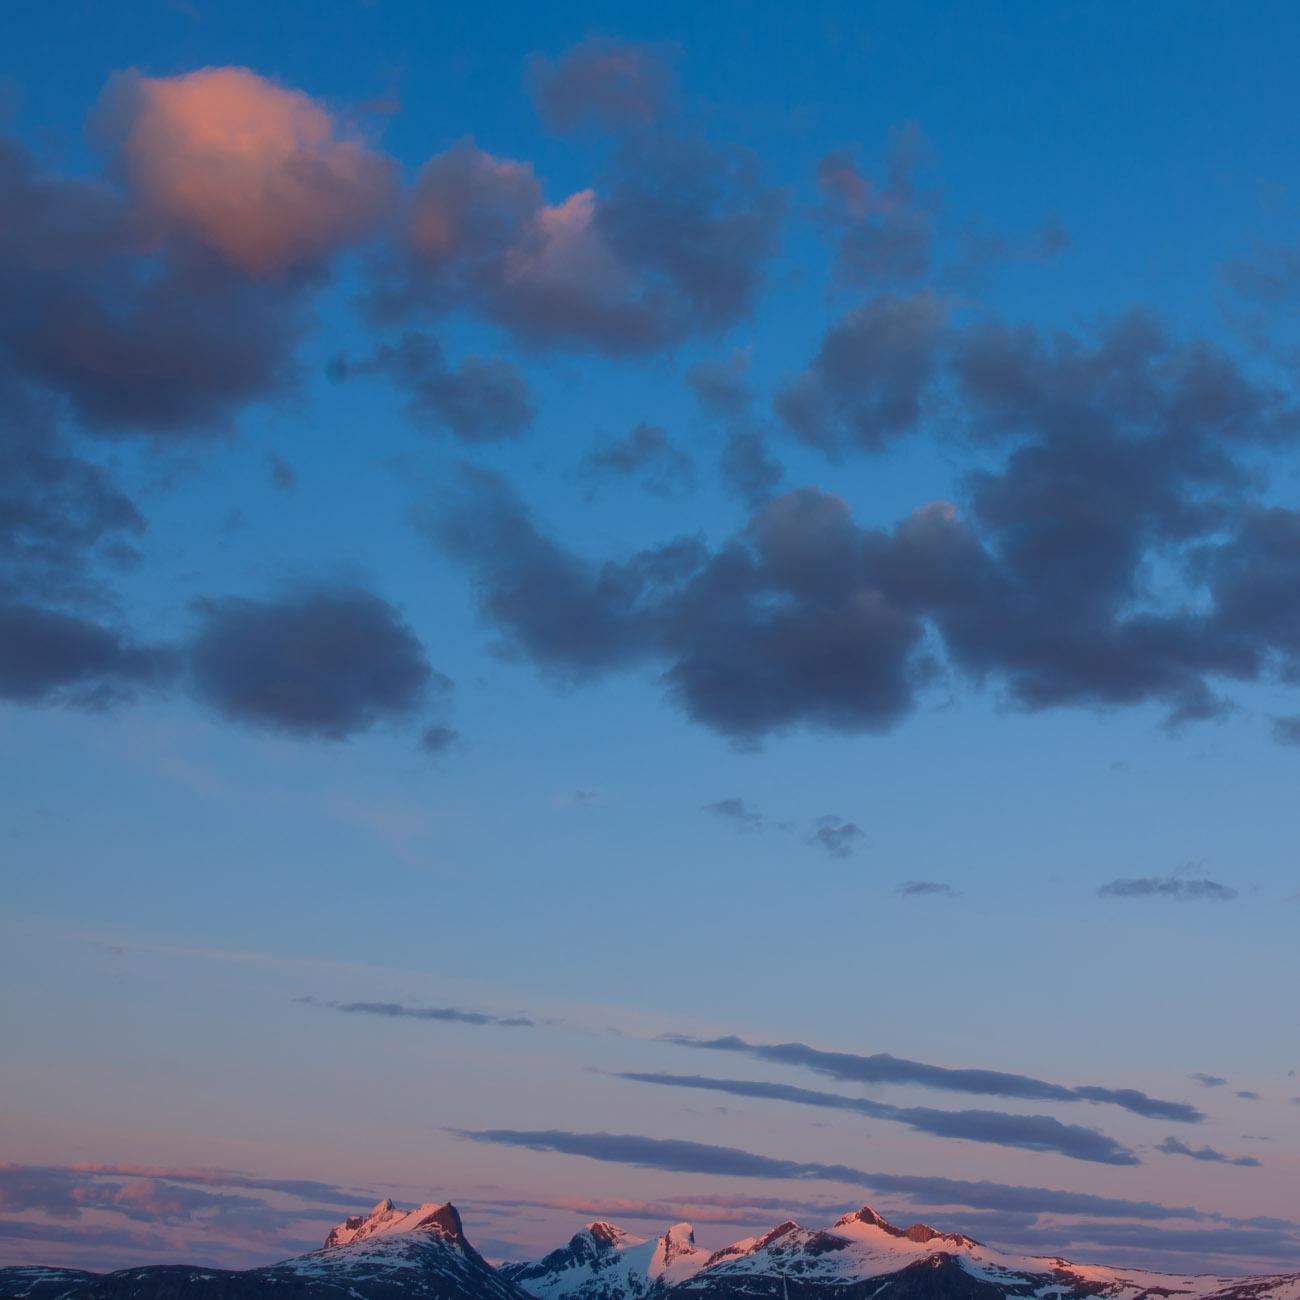 Bodø 01:40 am - Noruega - JESUS RODRIGUEZ, FOTOGRAFIA DE NATURALEZA